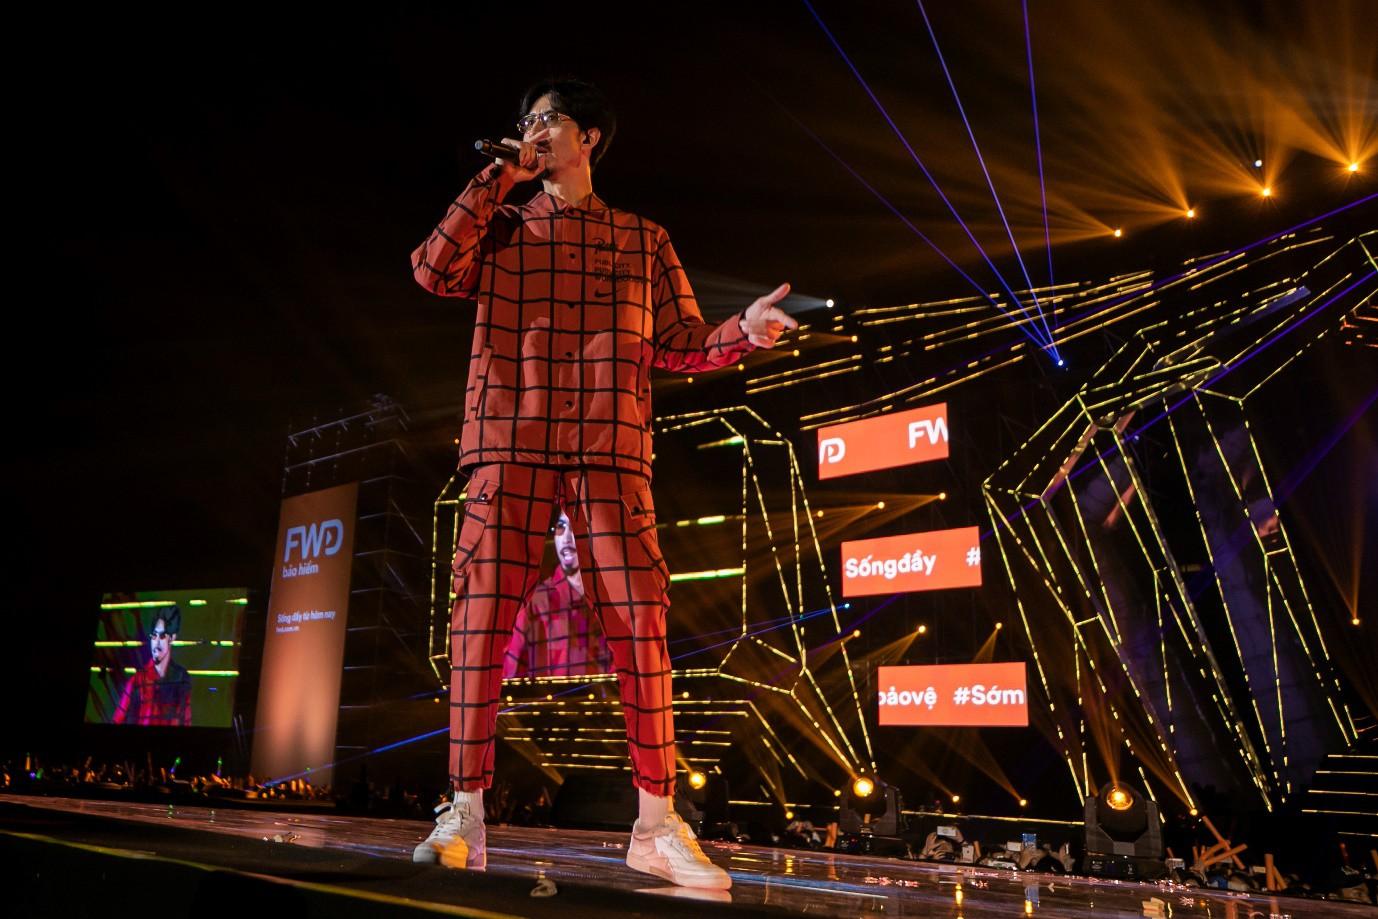 Sơn Tùng M-TP, Đen Vâu, Tóc Tiên, Hồ Ngọc Hà… mang đến quá nhiều màn trình diễn đỉnh cao tại FWD Music Fest - Ảnh 4.